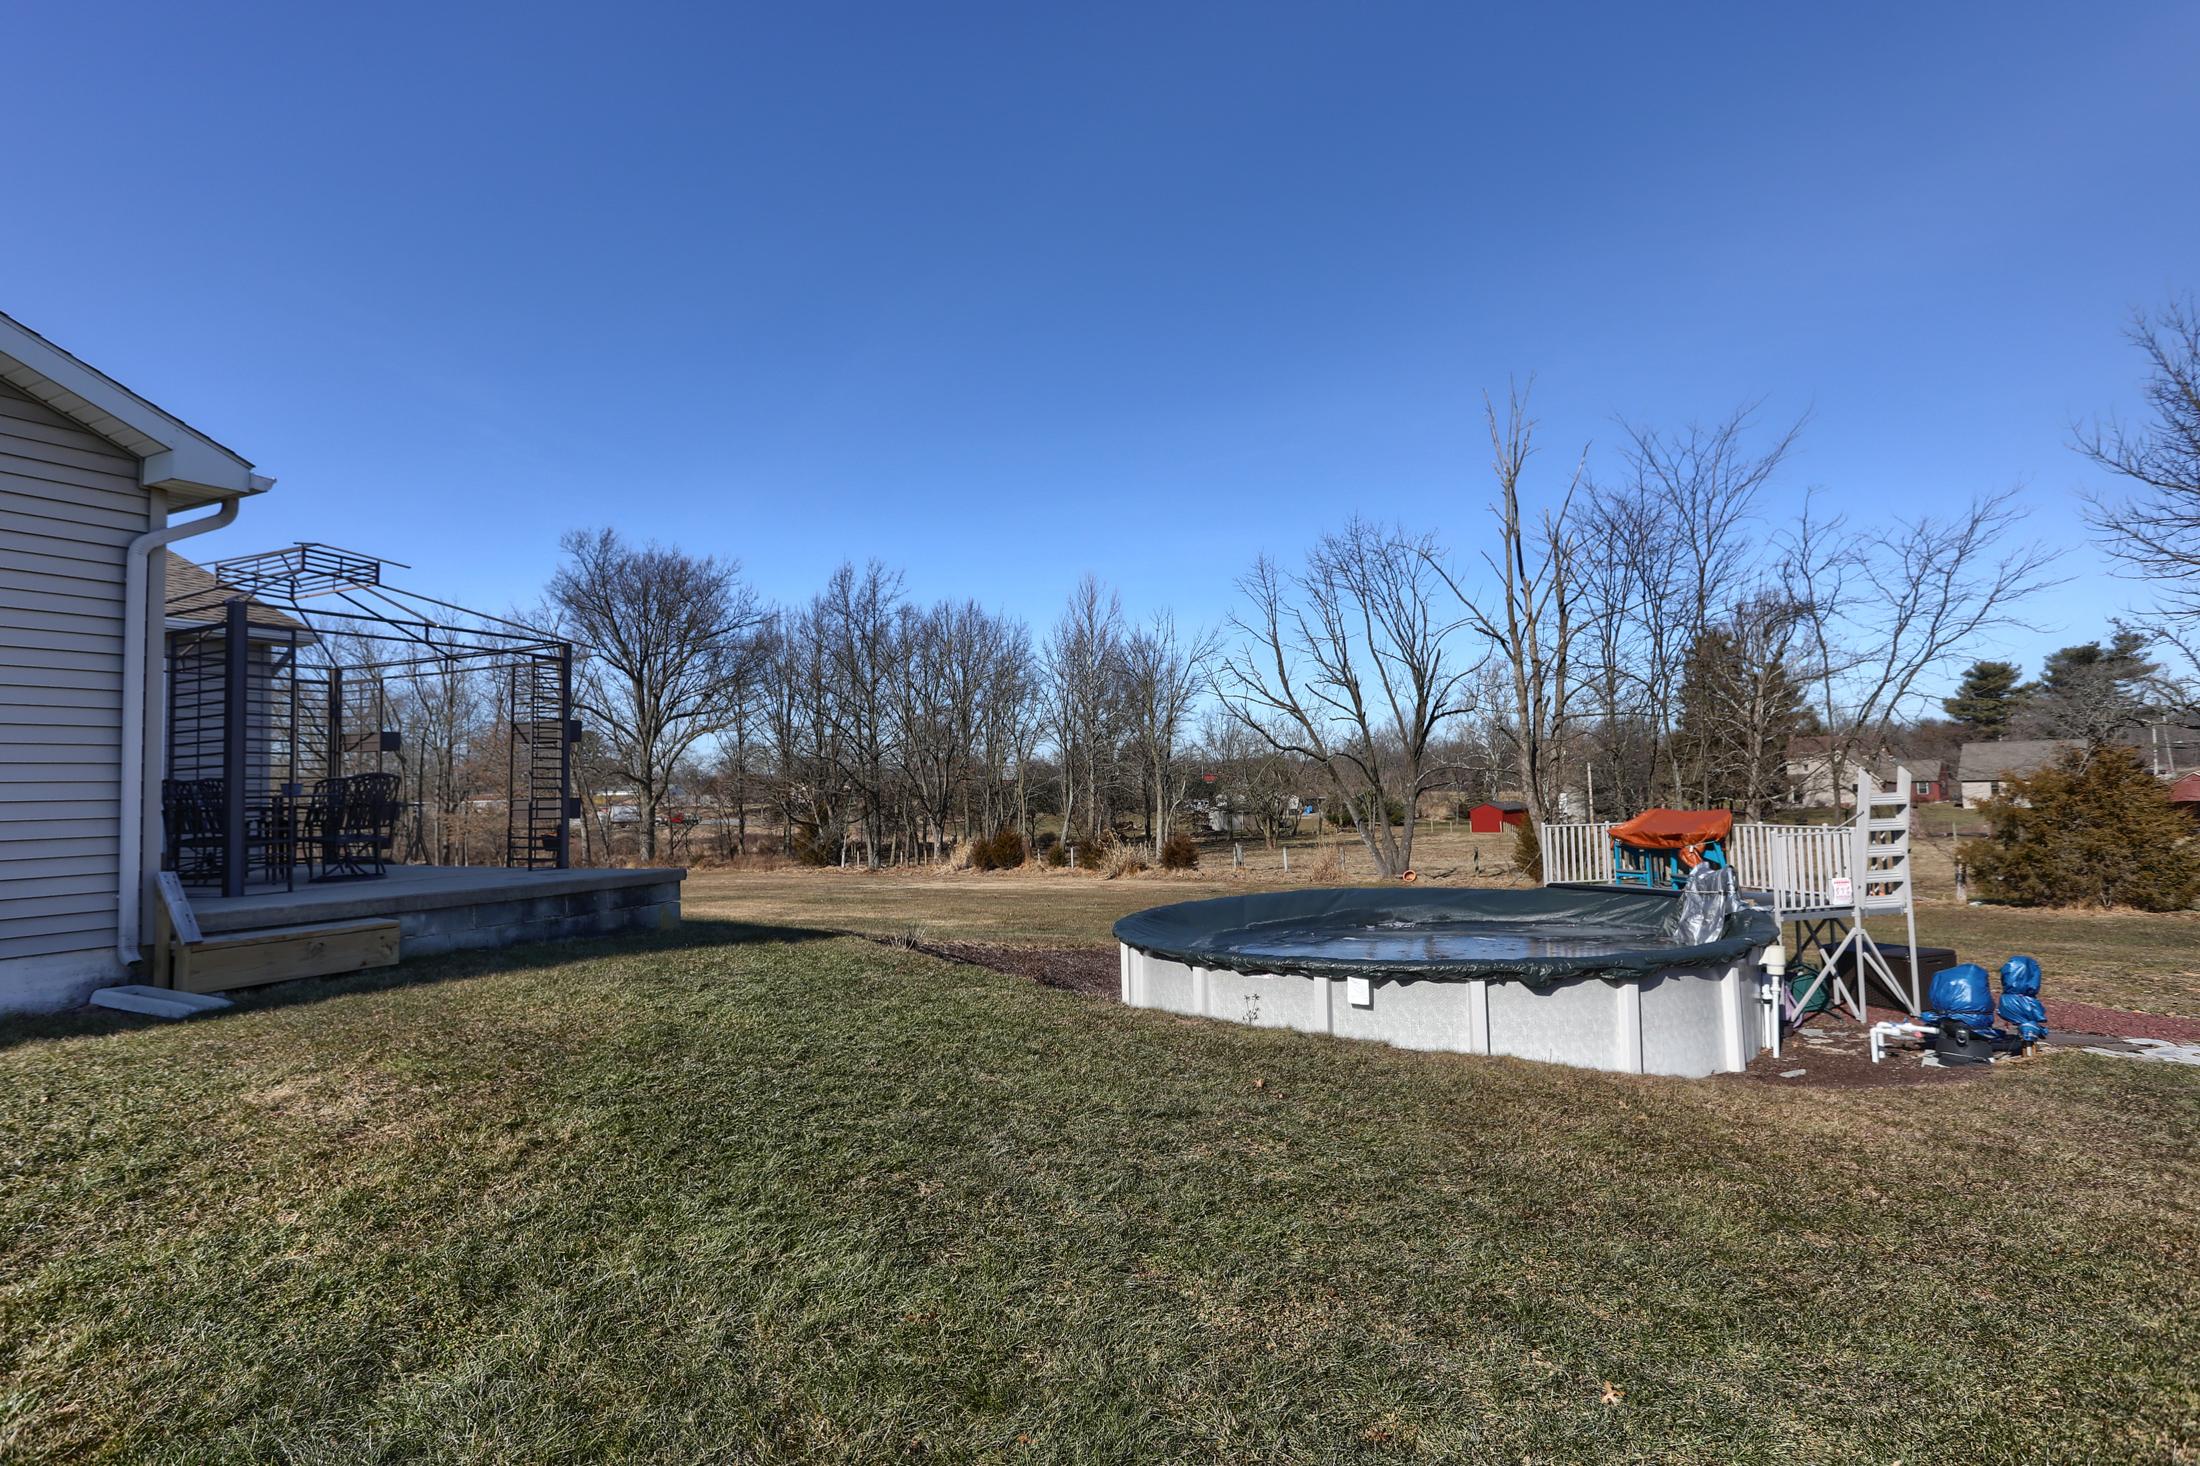 26 W. Strack Drive - pool